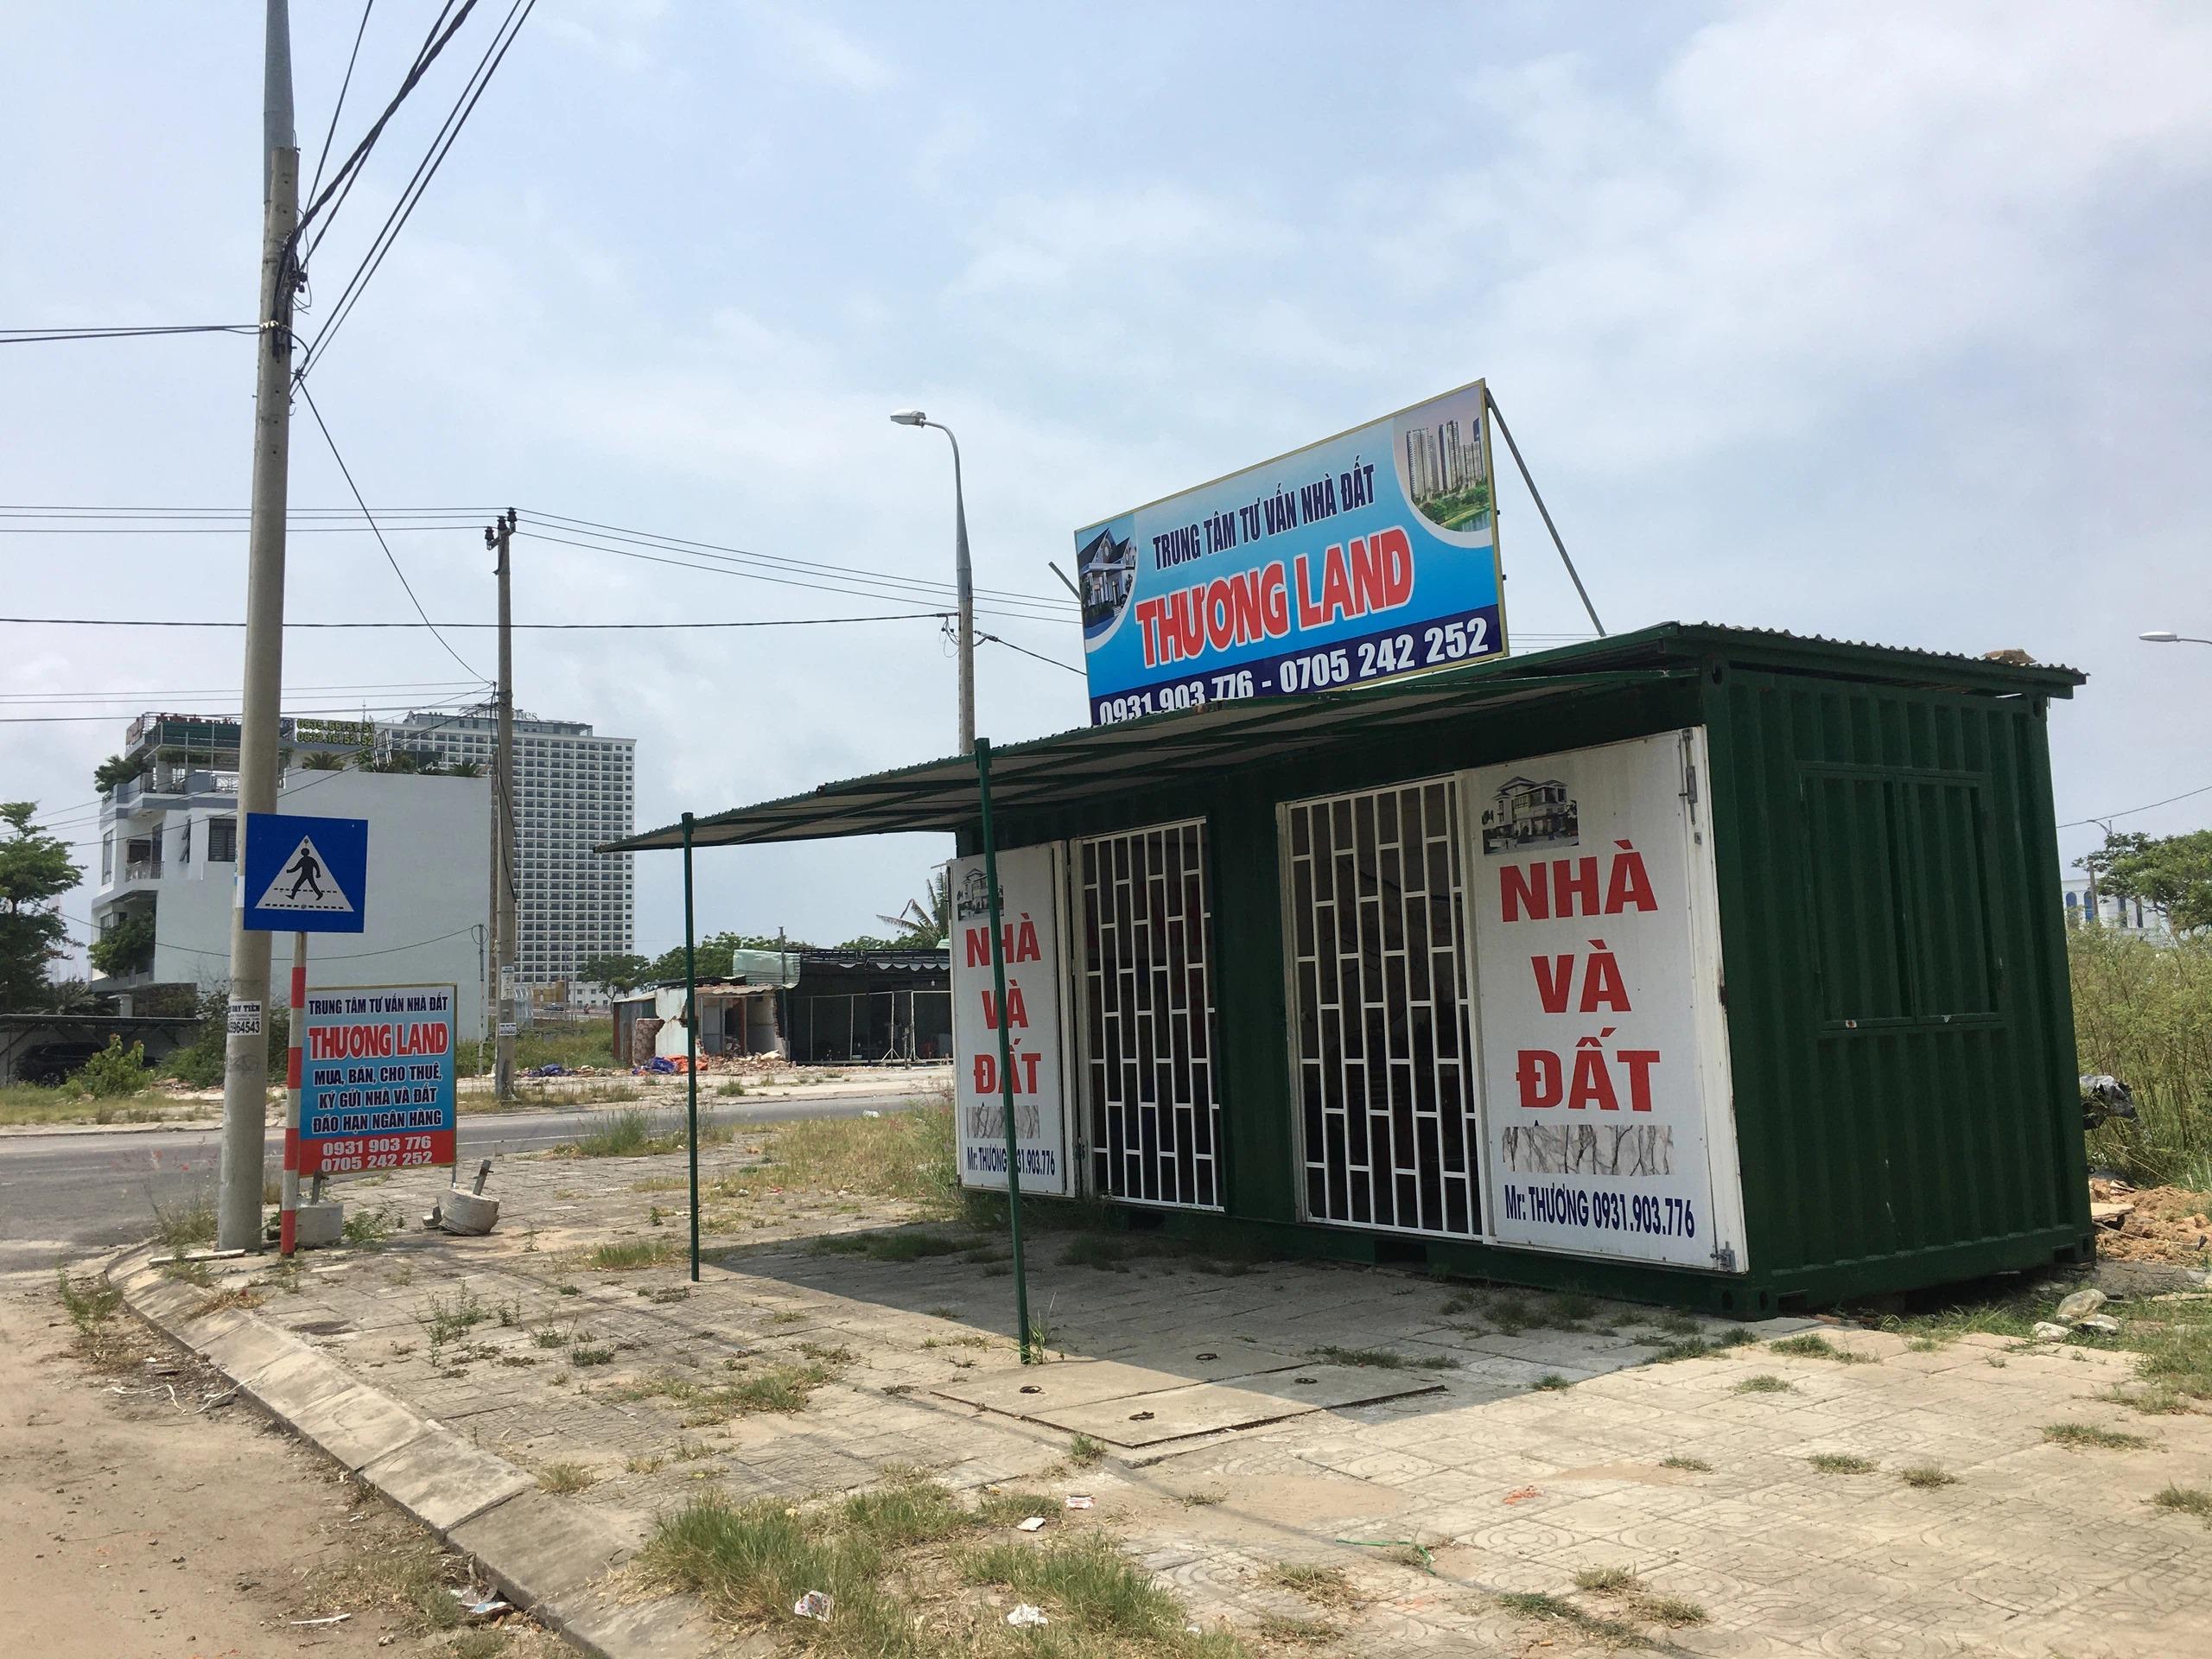 Trở lại nơi sốt đất ở Đà Nẵng, hàng loạt ki ốt bị dẹp bỏ, các dự án không bóng người - Ảnh 2.